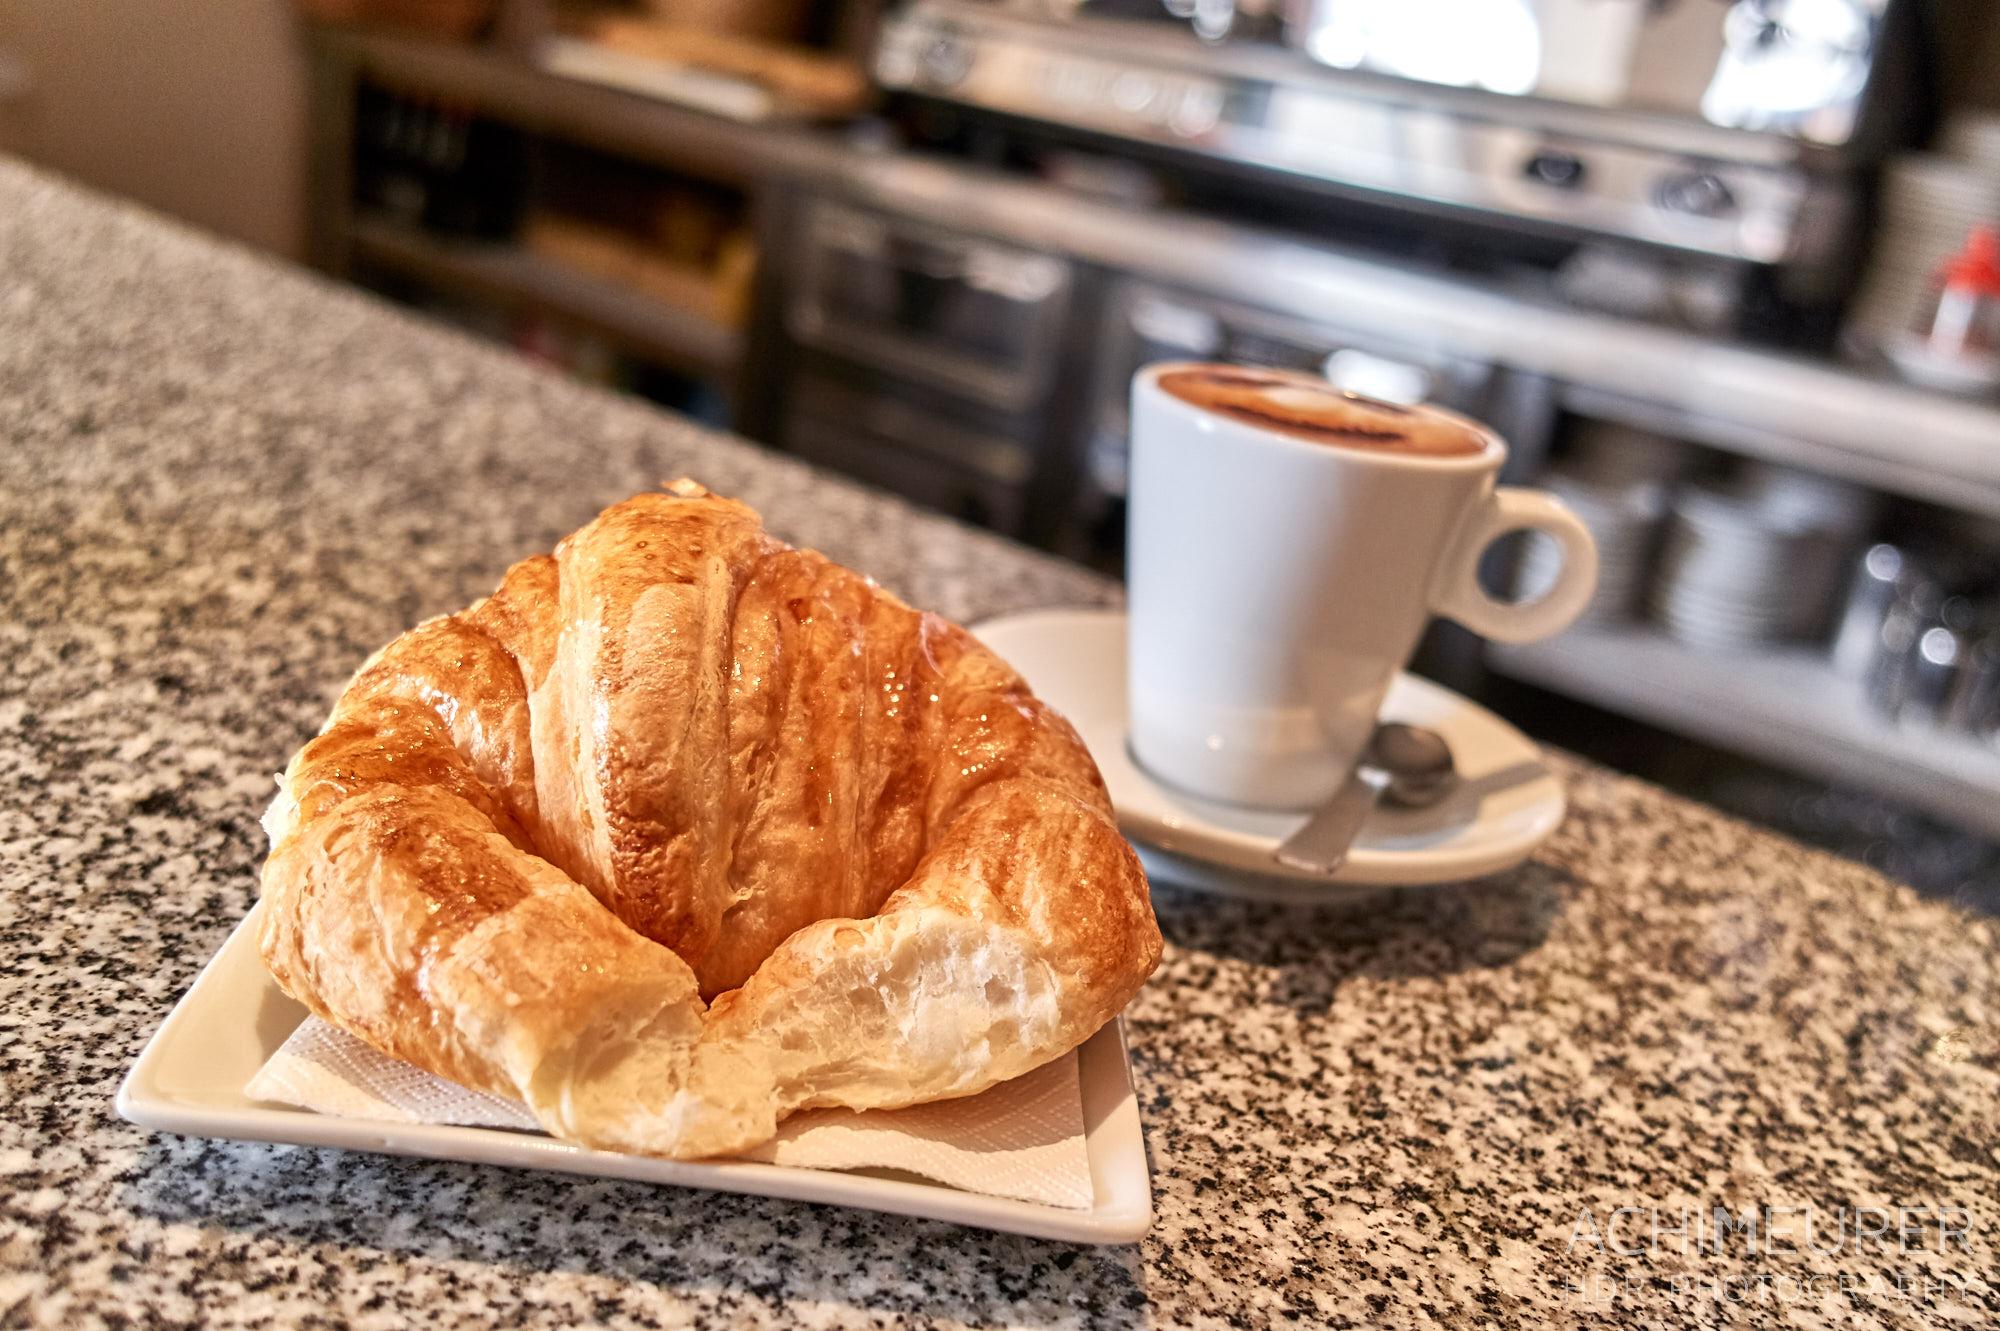 Typisches Frühstück in Katalonien, Croissant und Cafe Cortado by Achim Meurer.